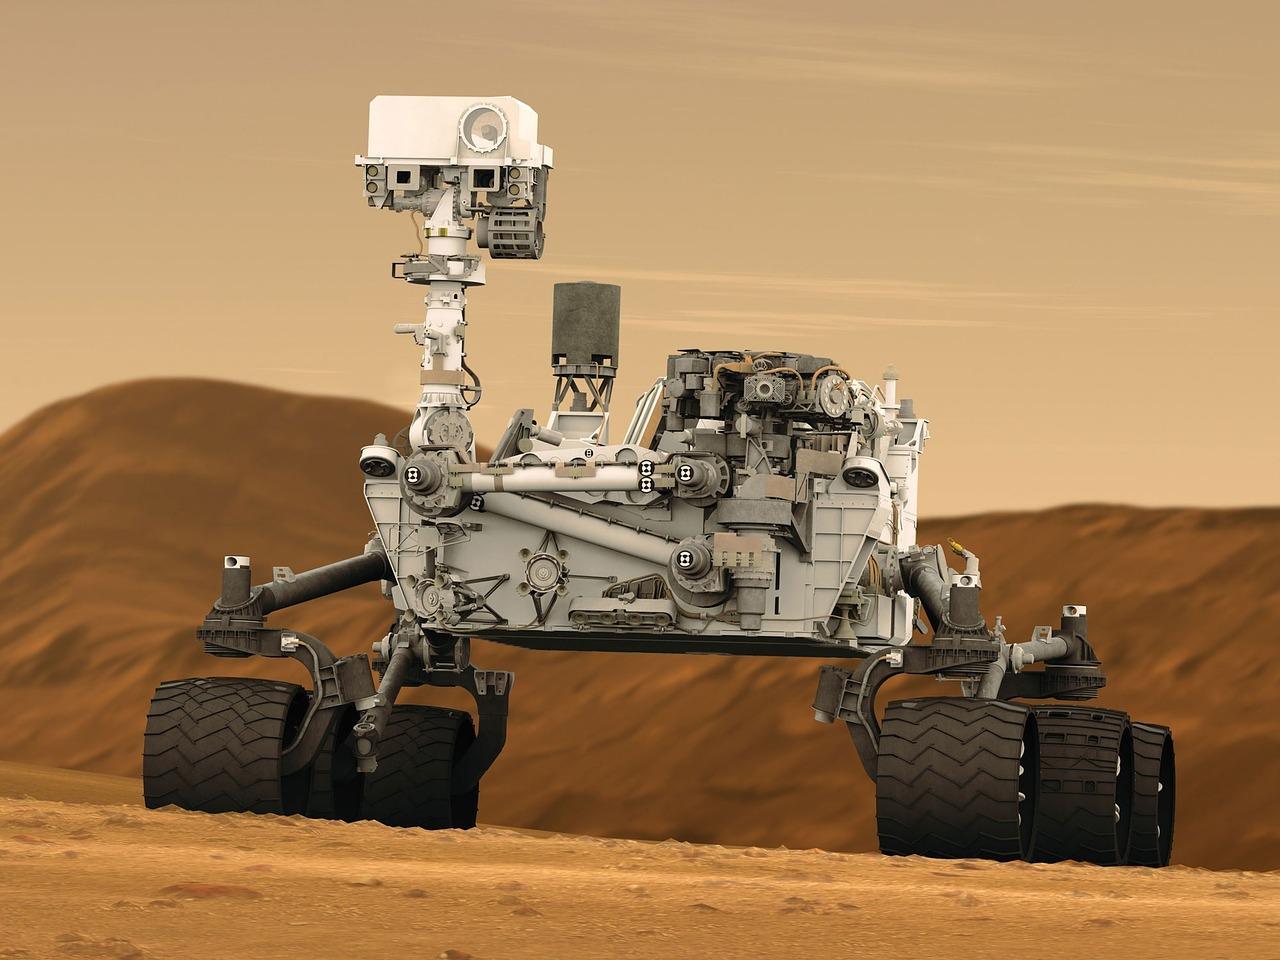 mars-rover-1241266_1280.jpg